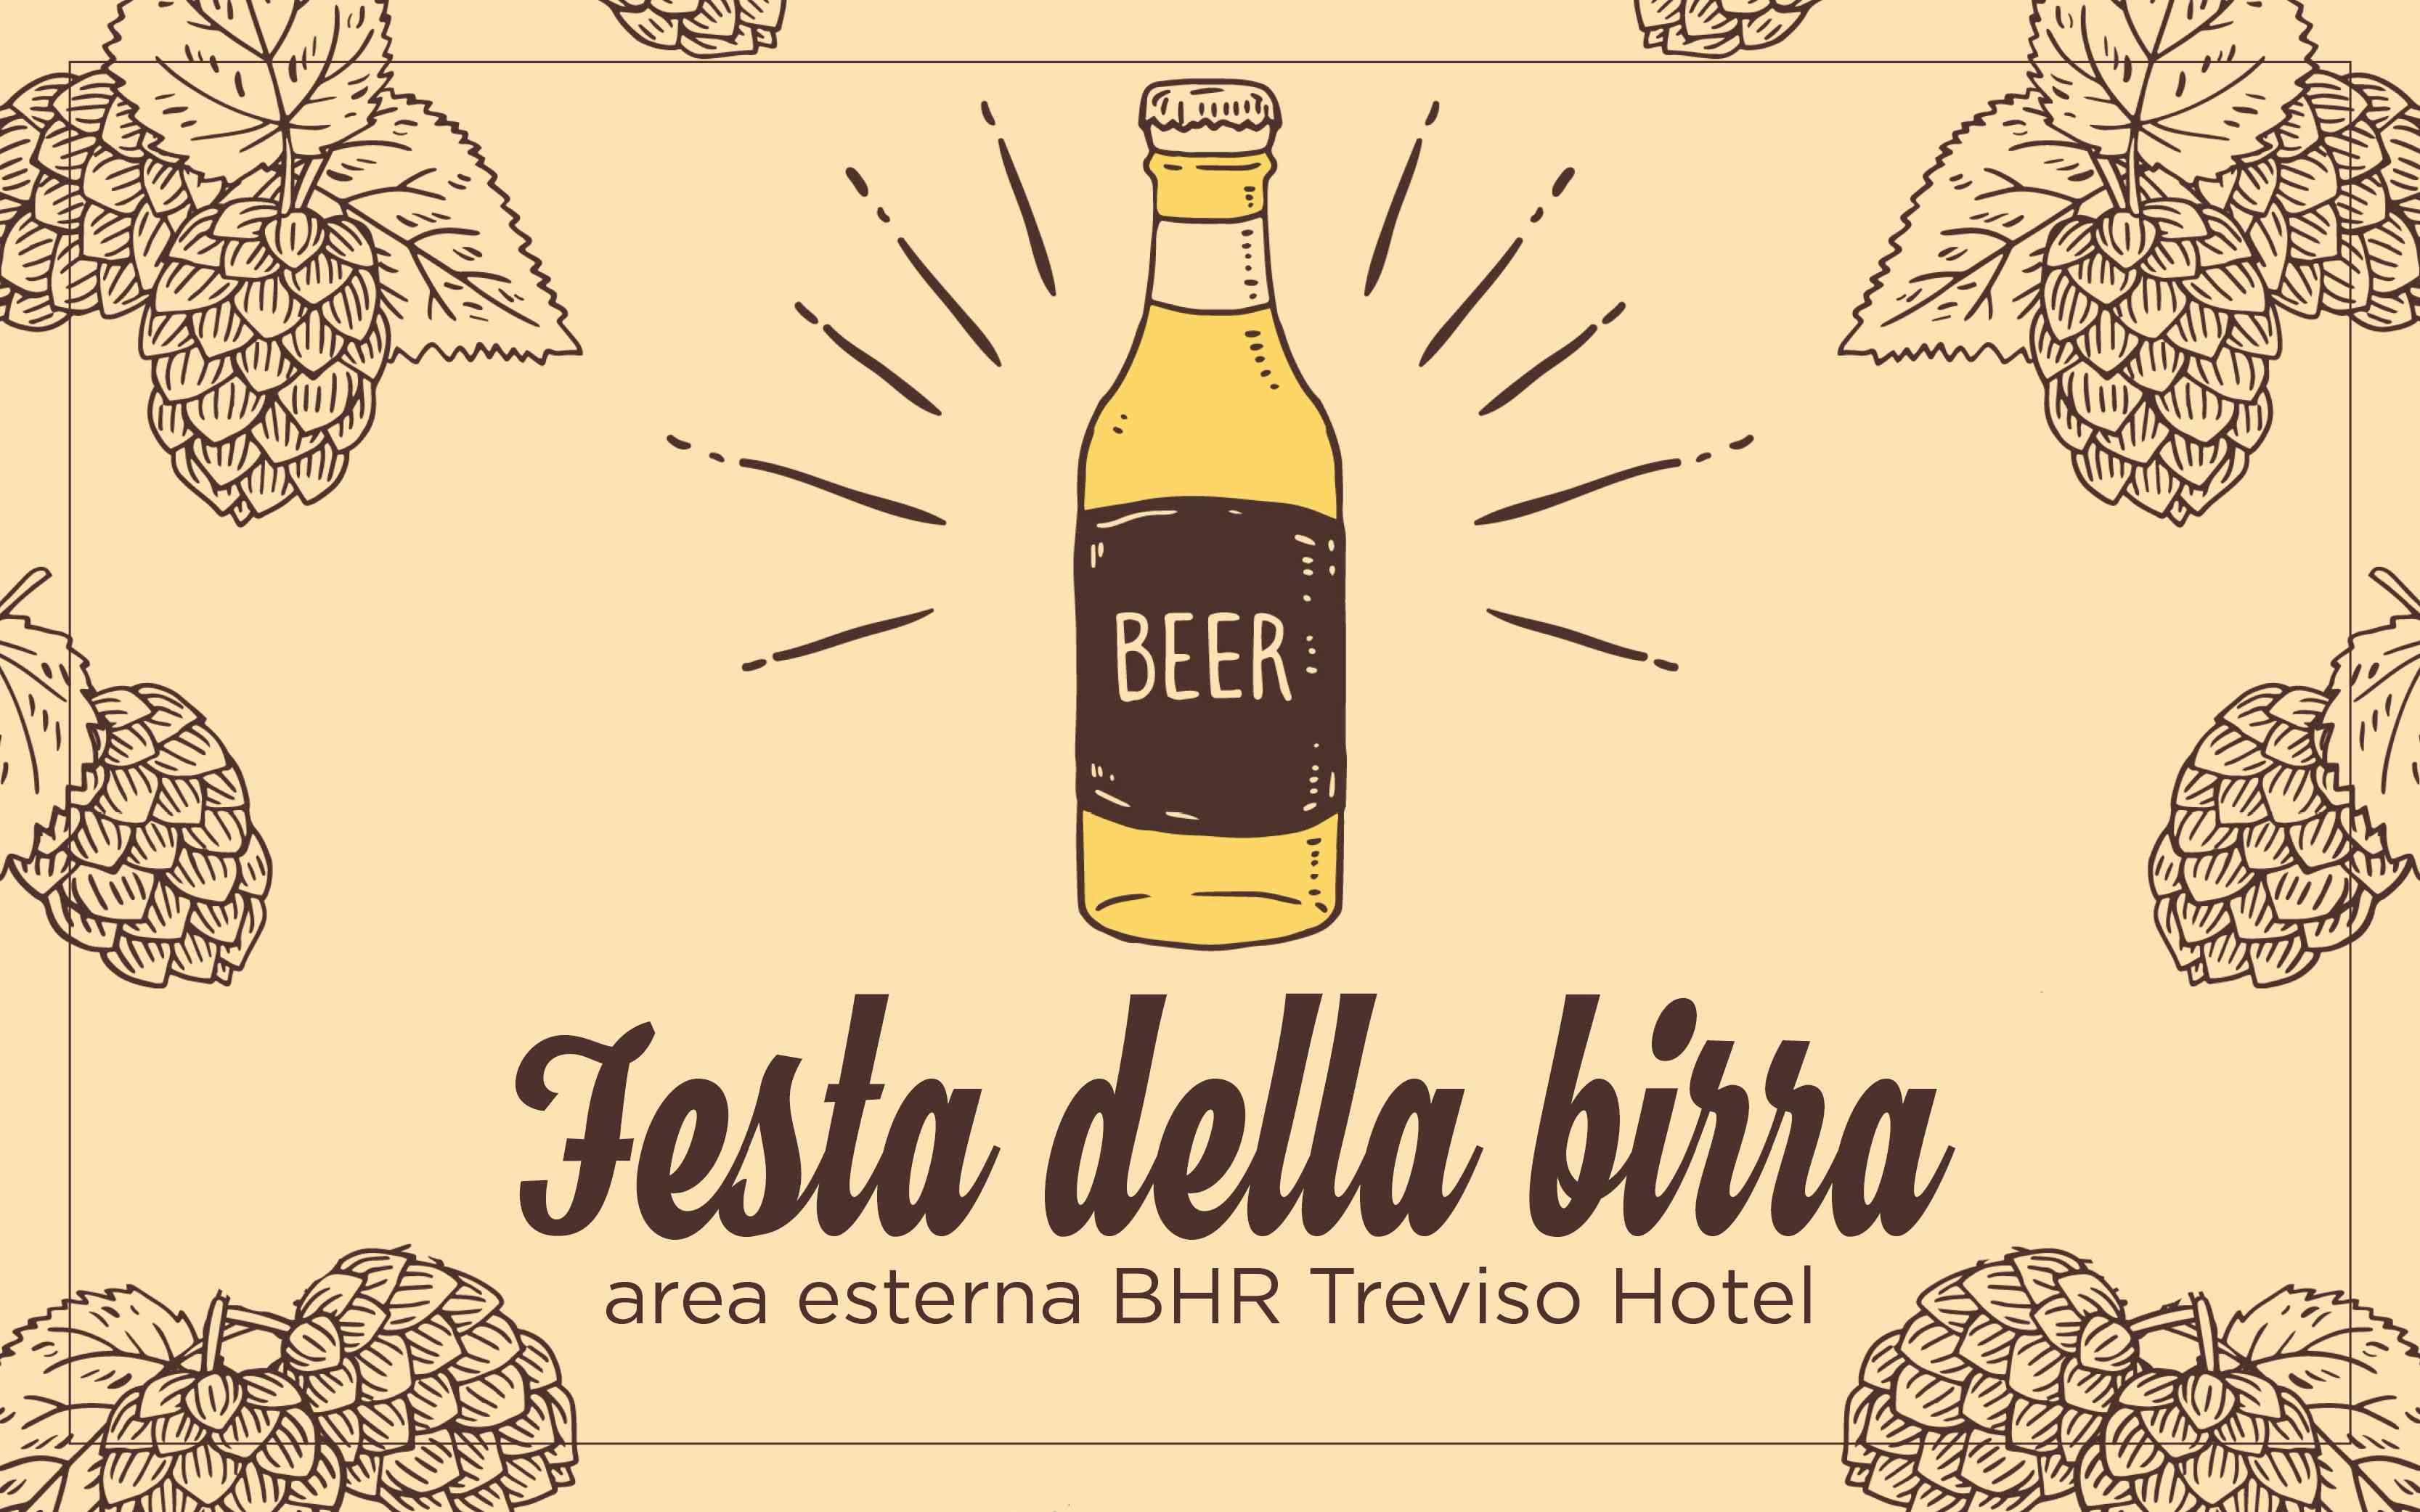 AL BHR TREVISO HOTEL, 3 GIORNI DI FESTA TREVIGIANA